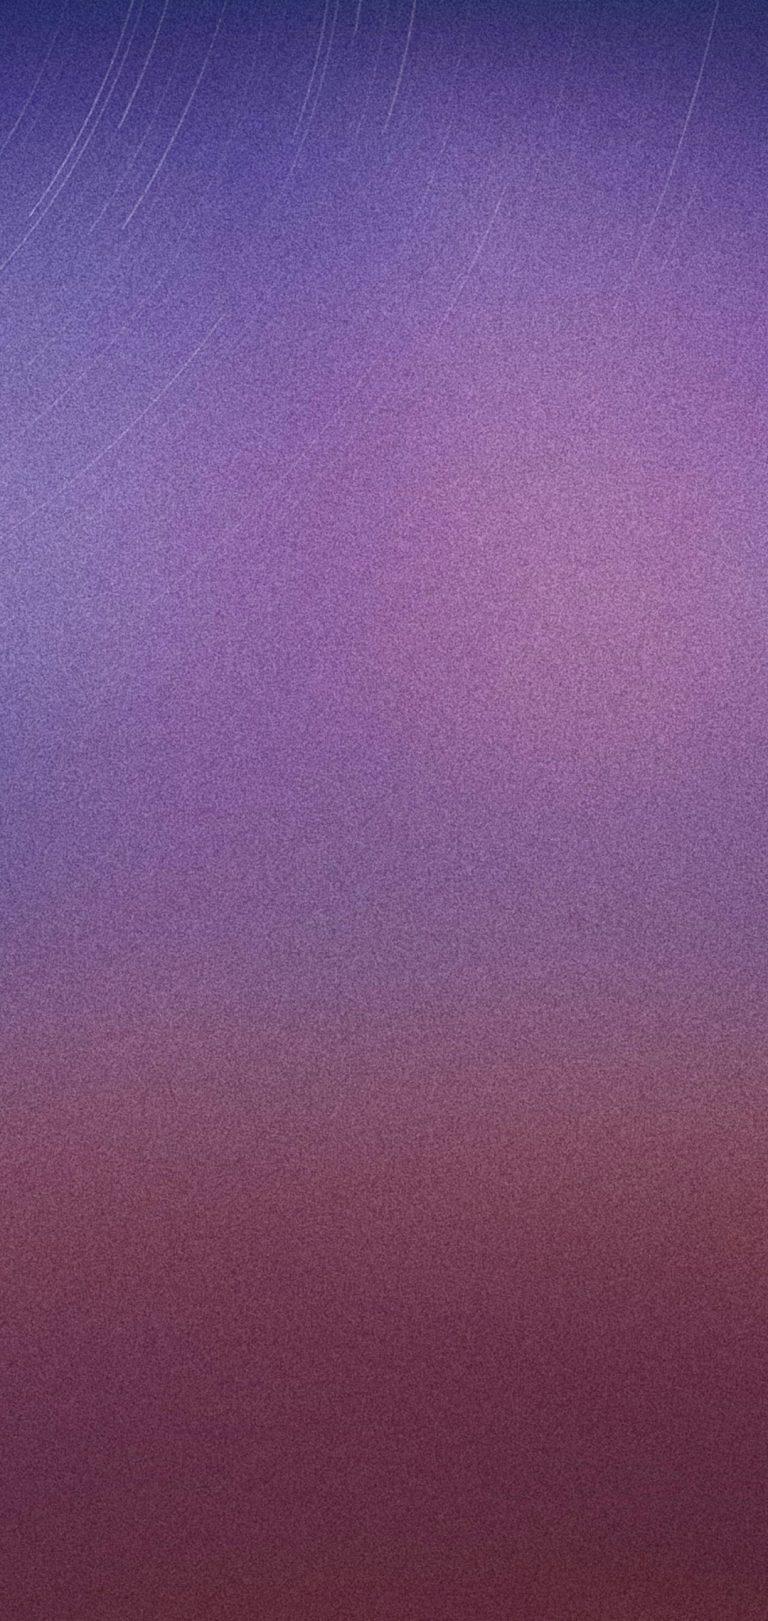 1080x2280 Wallpaper 056 768x1621